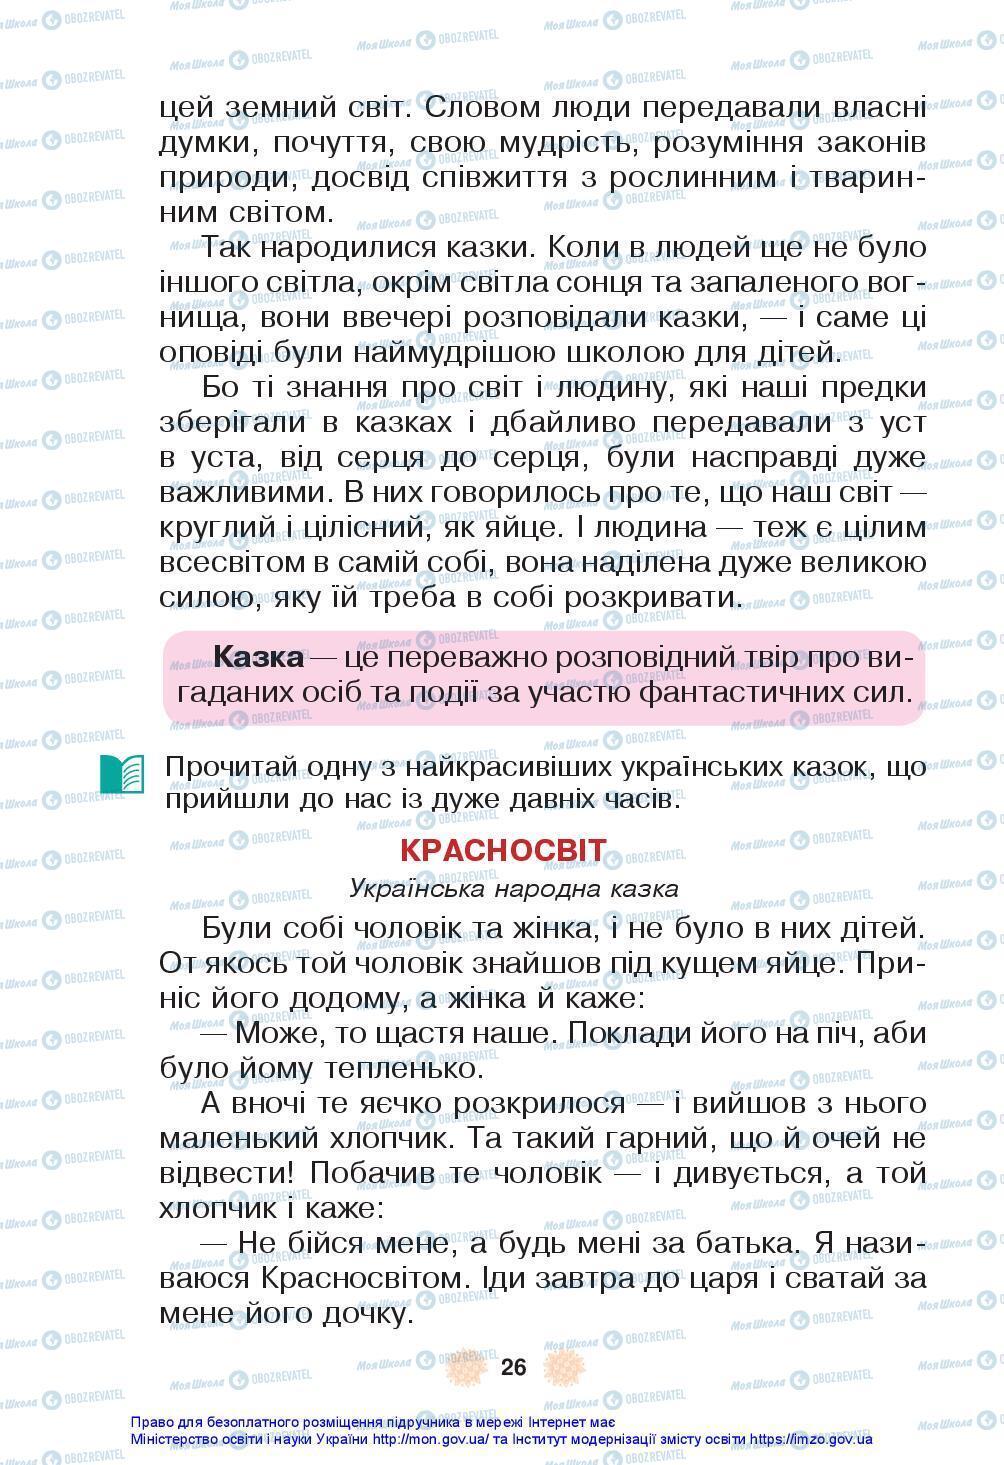 Підручники Українська мова 3 клас сторінка 26